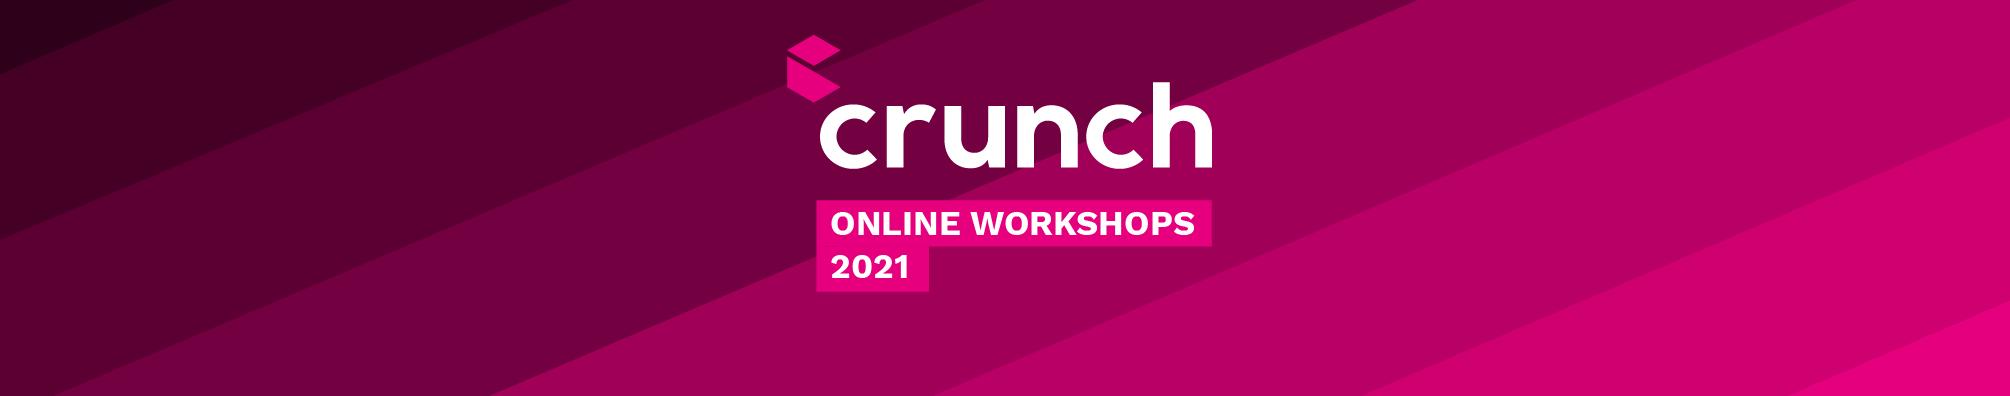 Crunch online workshops 2021